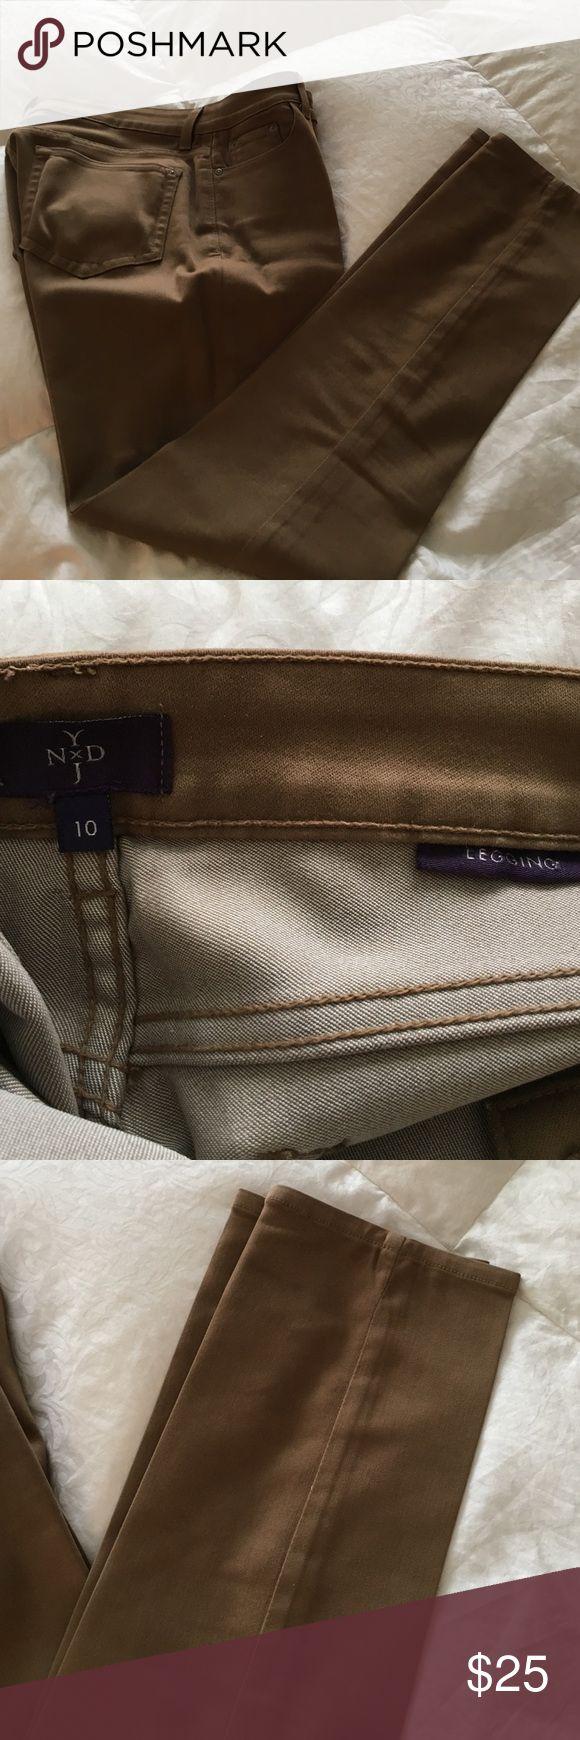 """Dark tan jeans size 10 Dark tan jeans dark tan legging from NYDJ inseam 31"""" NYDJ Jeans Skinny"""